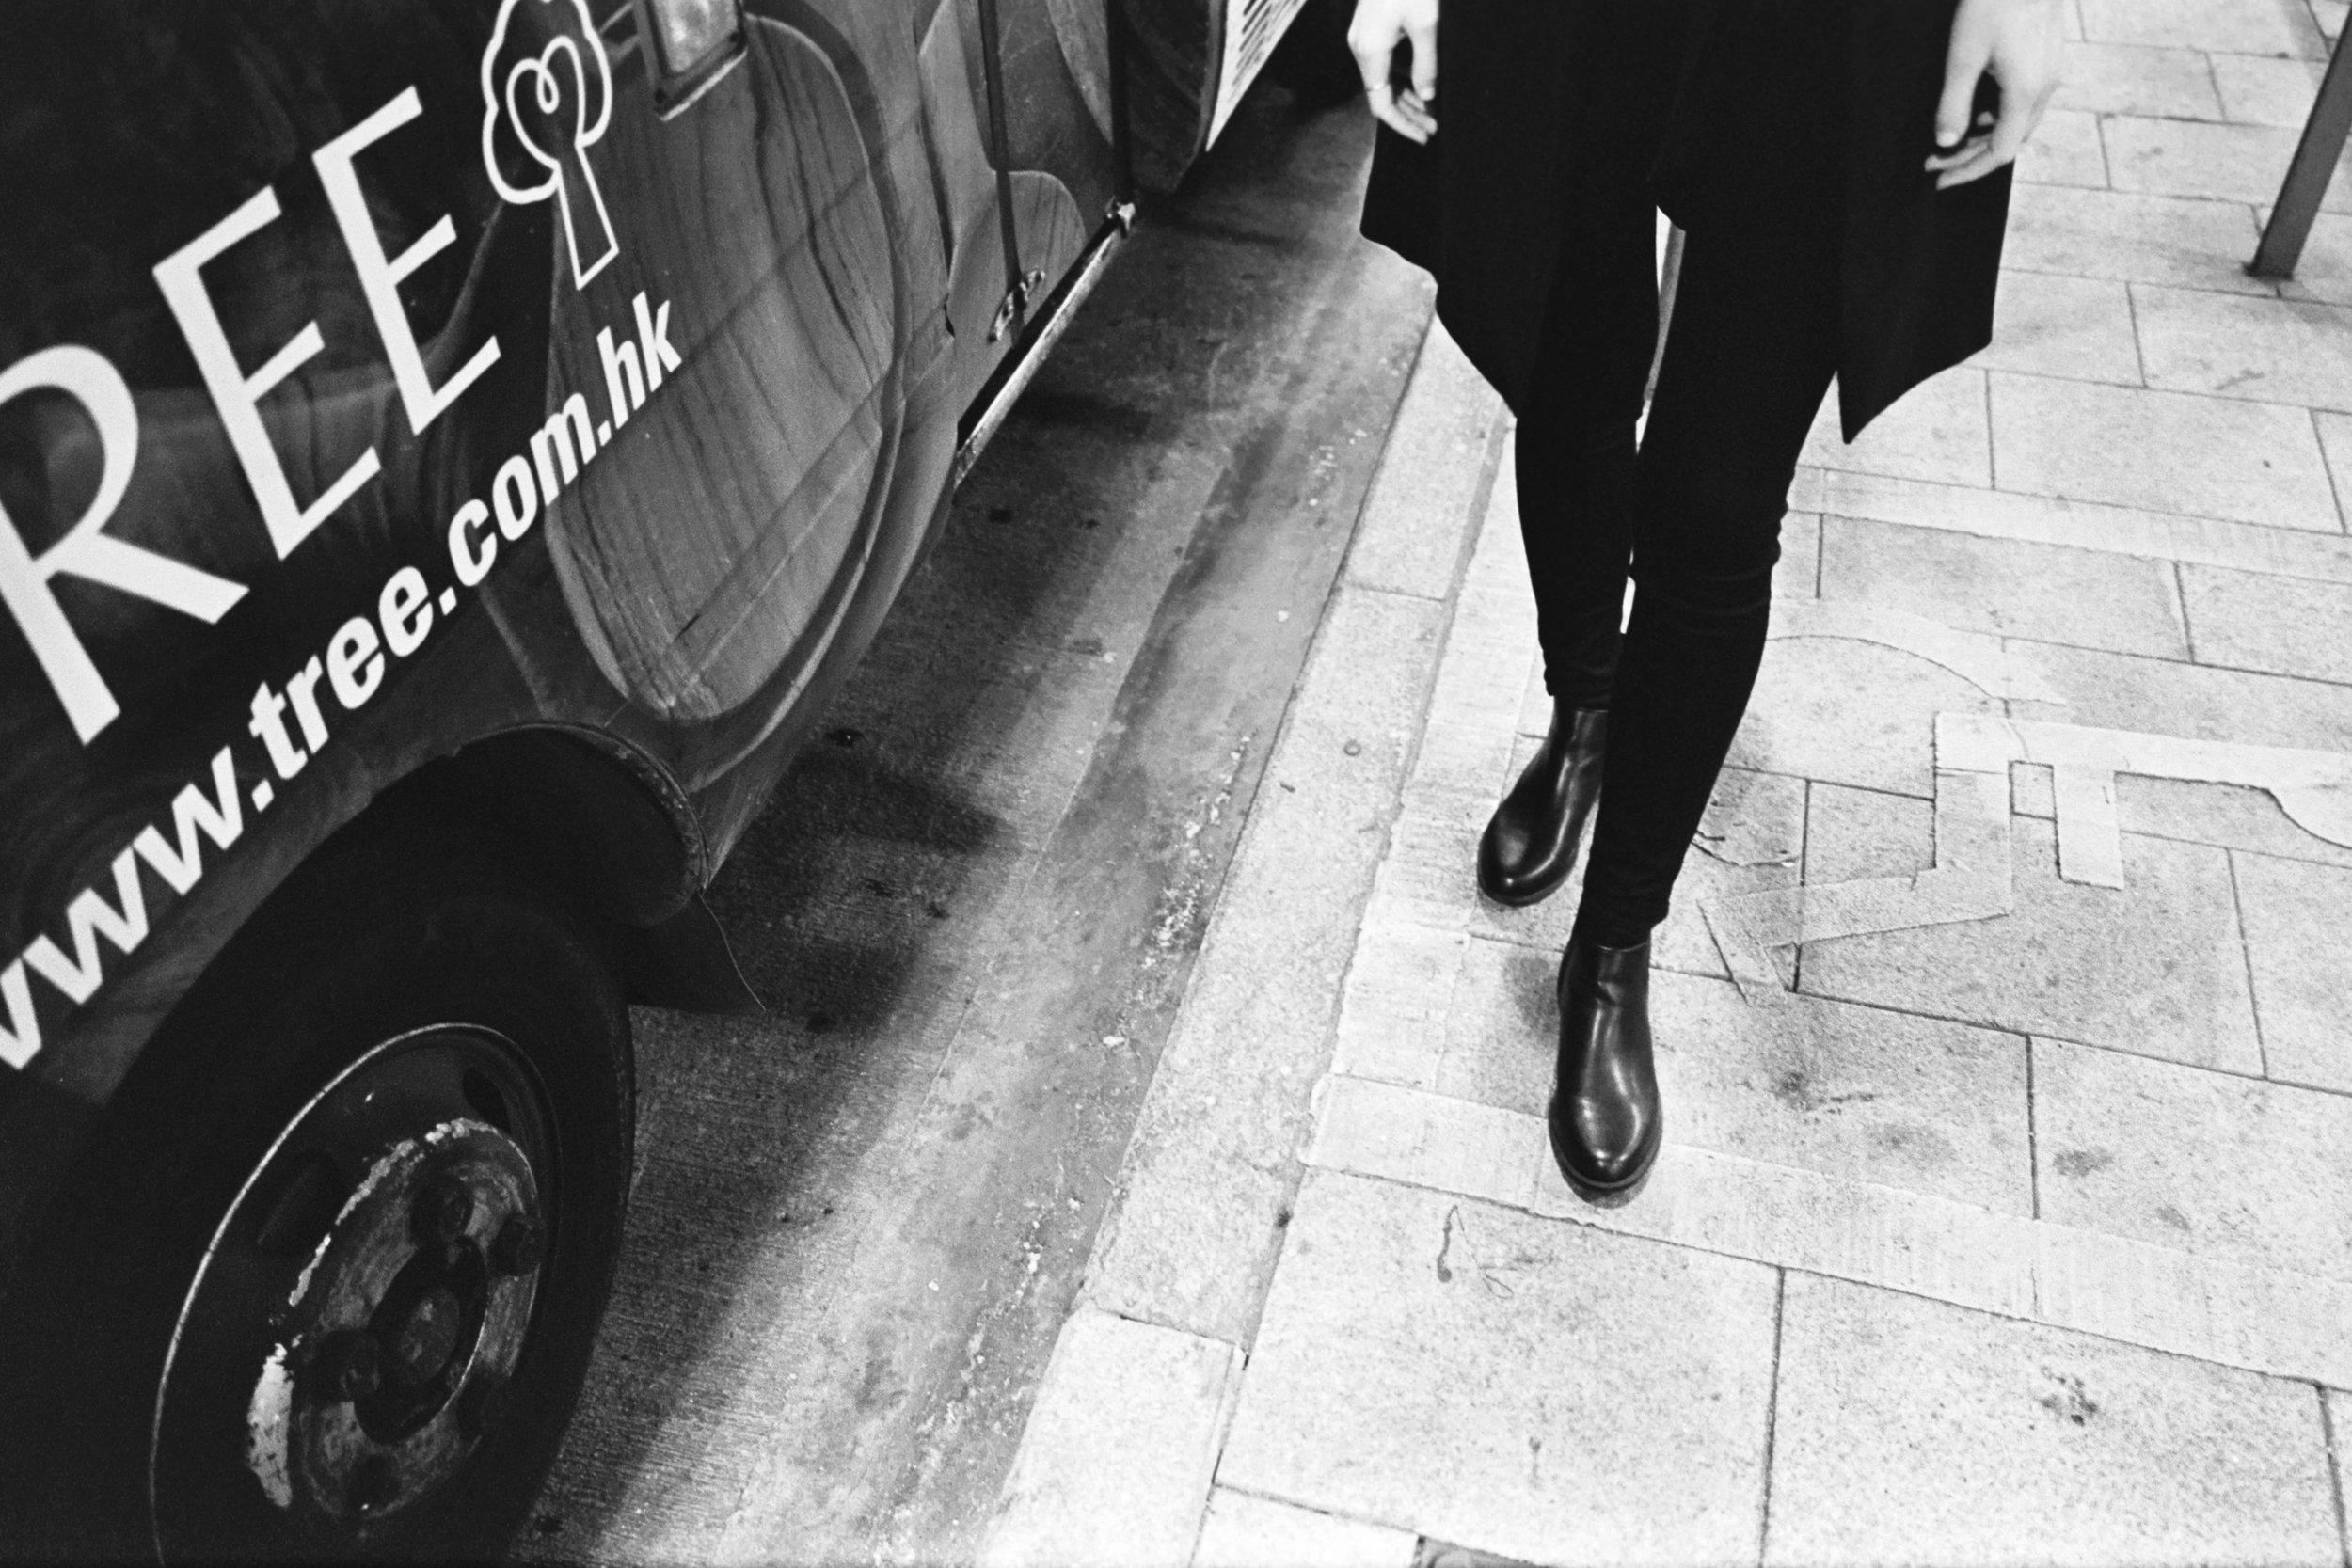 Leica MP Titan + Leica 28mm f/2 Summicron-M ASPH + Kodak Tri-X 400